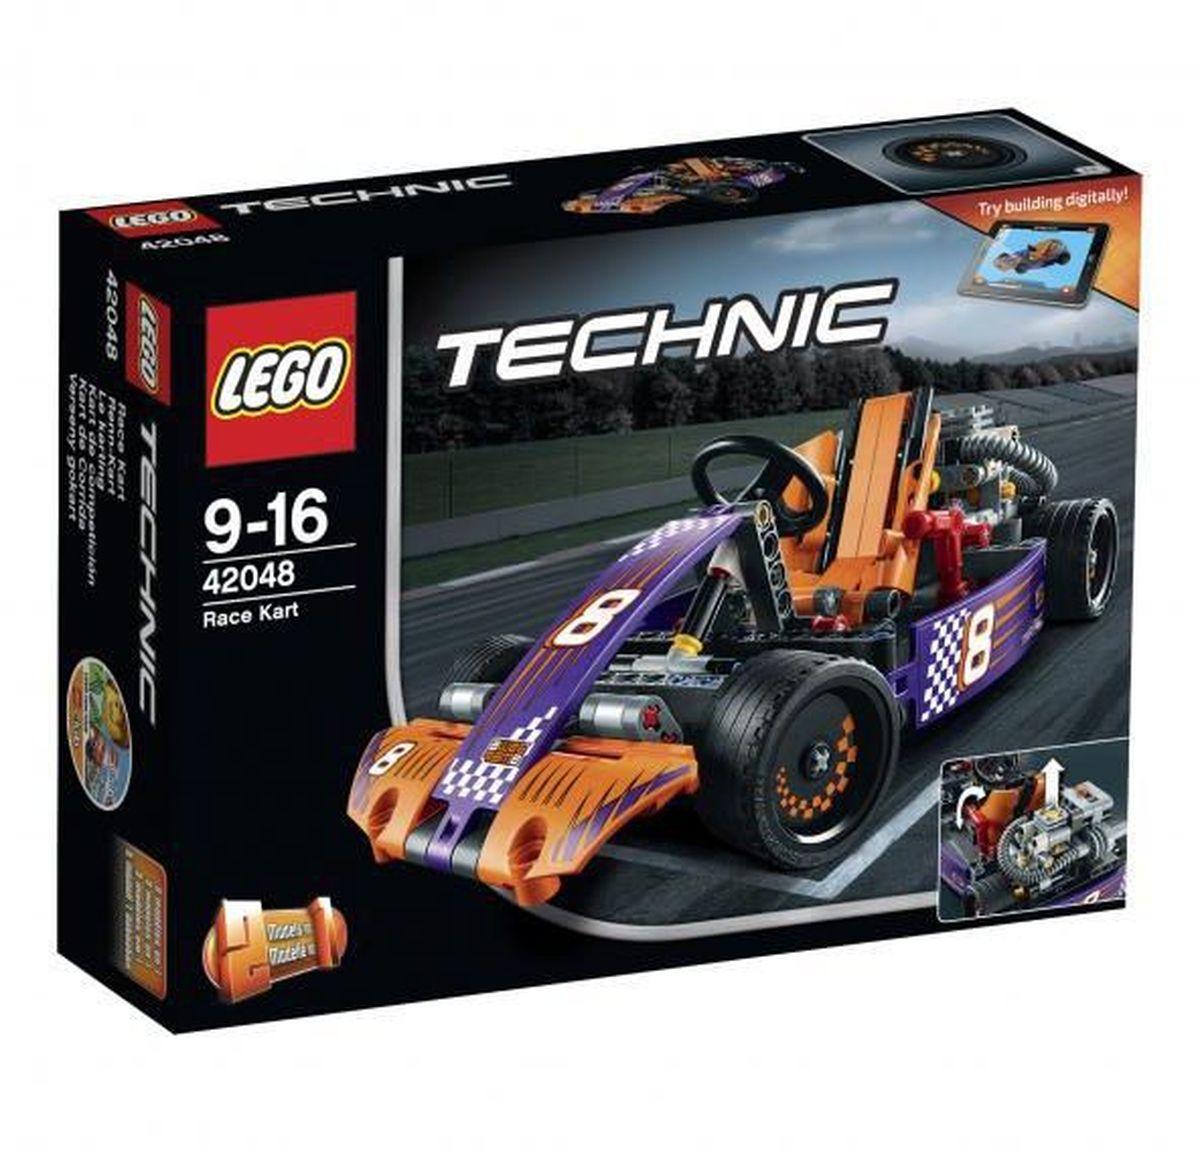 LEGO Technic Конструктор Гоночный карт 4204842048Мчитесь по кругу на этой суперкрутой копии 2-в-1 реального гоночного карта, оснащенной детализированным двигателем с движущимися поршнями, топливным баком и огромными выхлопными трубами. Наклоните обтекаемое оранжевое кресло гонщика, чтобы открыть работающую трансмиссию. Затем забирайтесь в кабину и проверьте на прочность работающий руль, двухскоростную коробку передач и классные педали! Эта ультра-скоростная машина раскрашена в яркие фиолетовый и оранжевый цвета, включает гладкие шины и крутые гоночные наклейки! Перестройте ее в мощный автомобиль для трека. Набор включает в себя 345 разноцветных пластиковых элементов. Конструктор - это один из самых увлекательных и веселых способов времяпрепровождения. Ребенок сможет часами играть с конструктором, придумывая различные ситуации и истории.